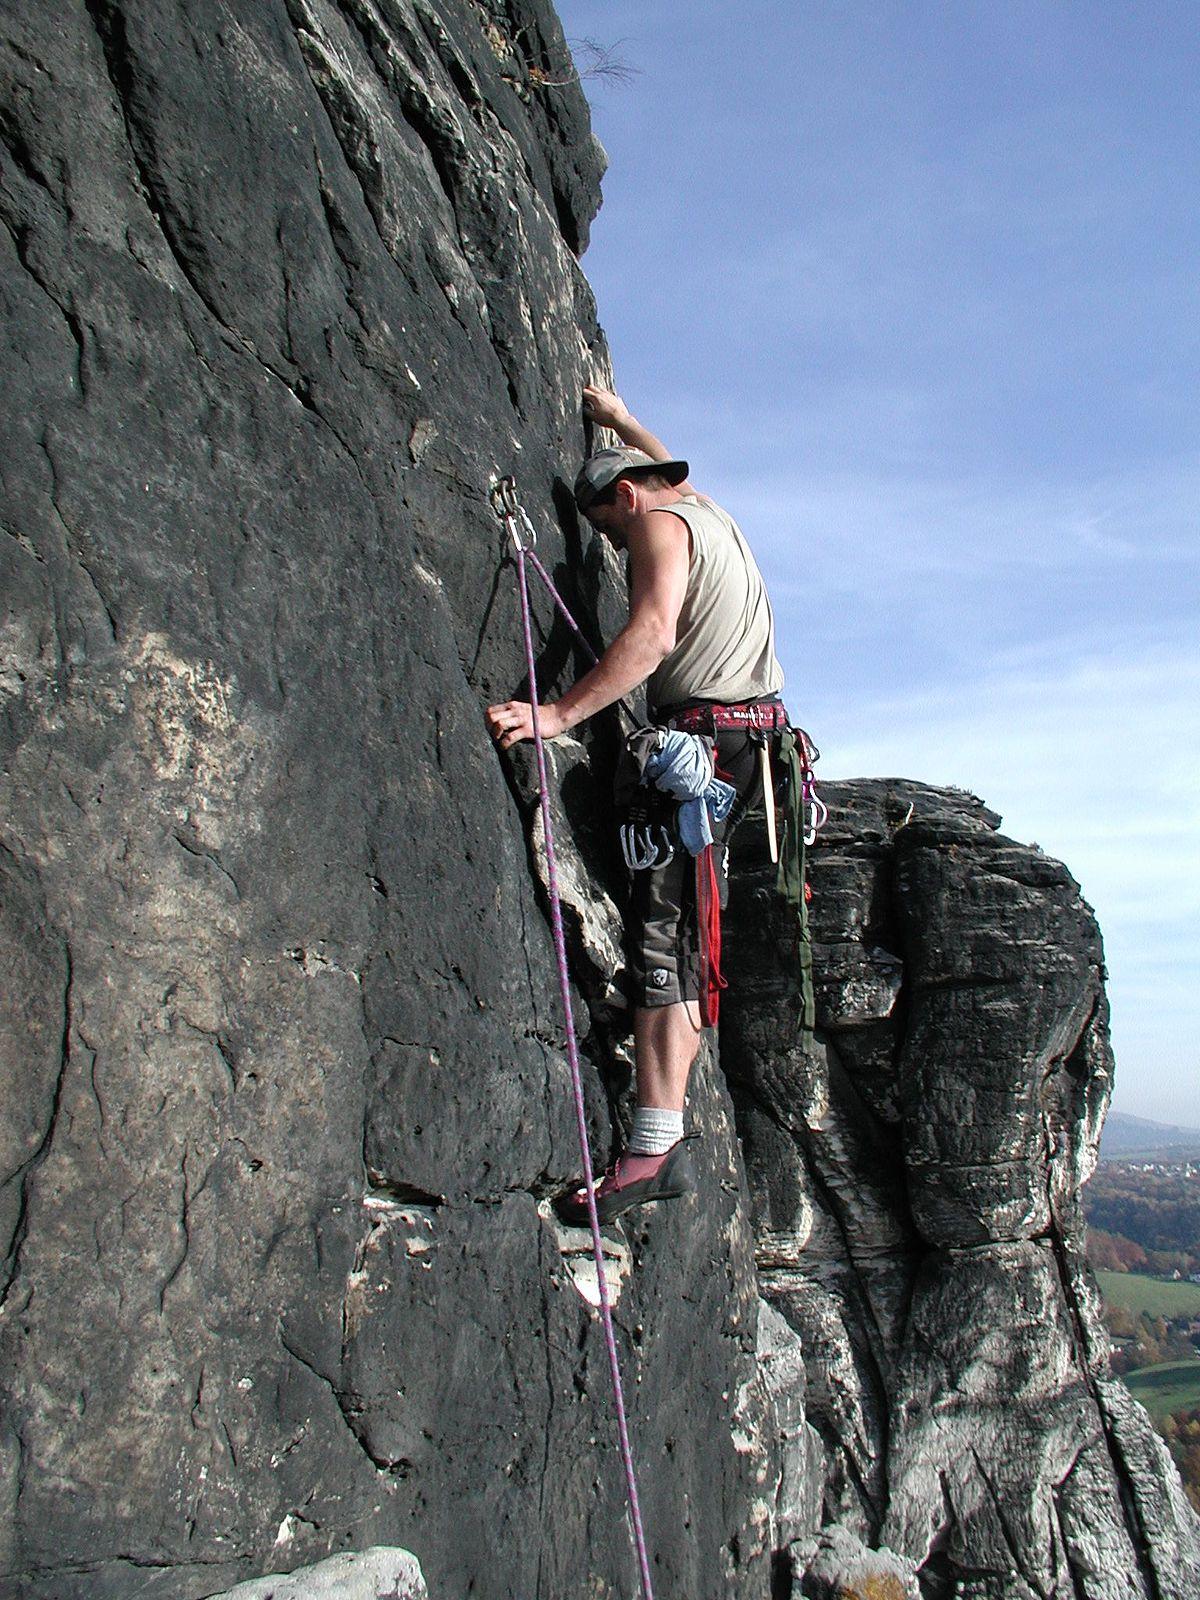 Klettern - Wikipedia